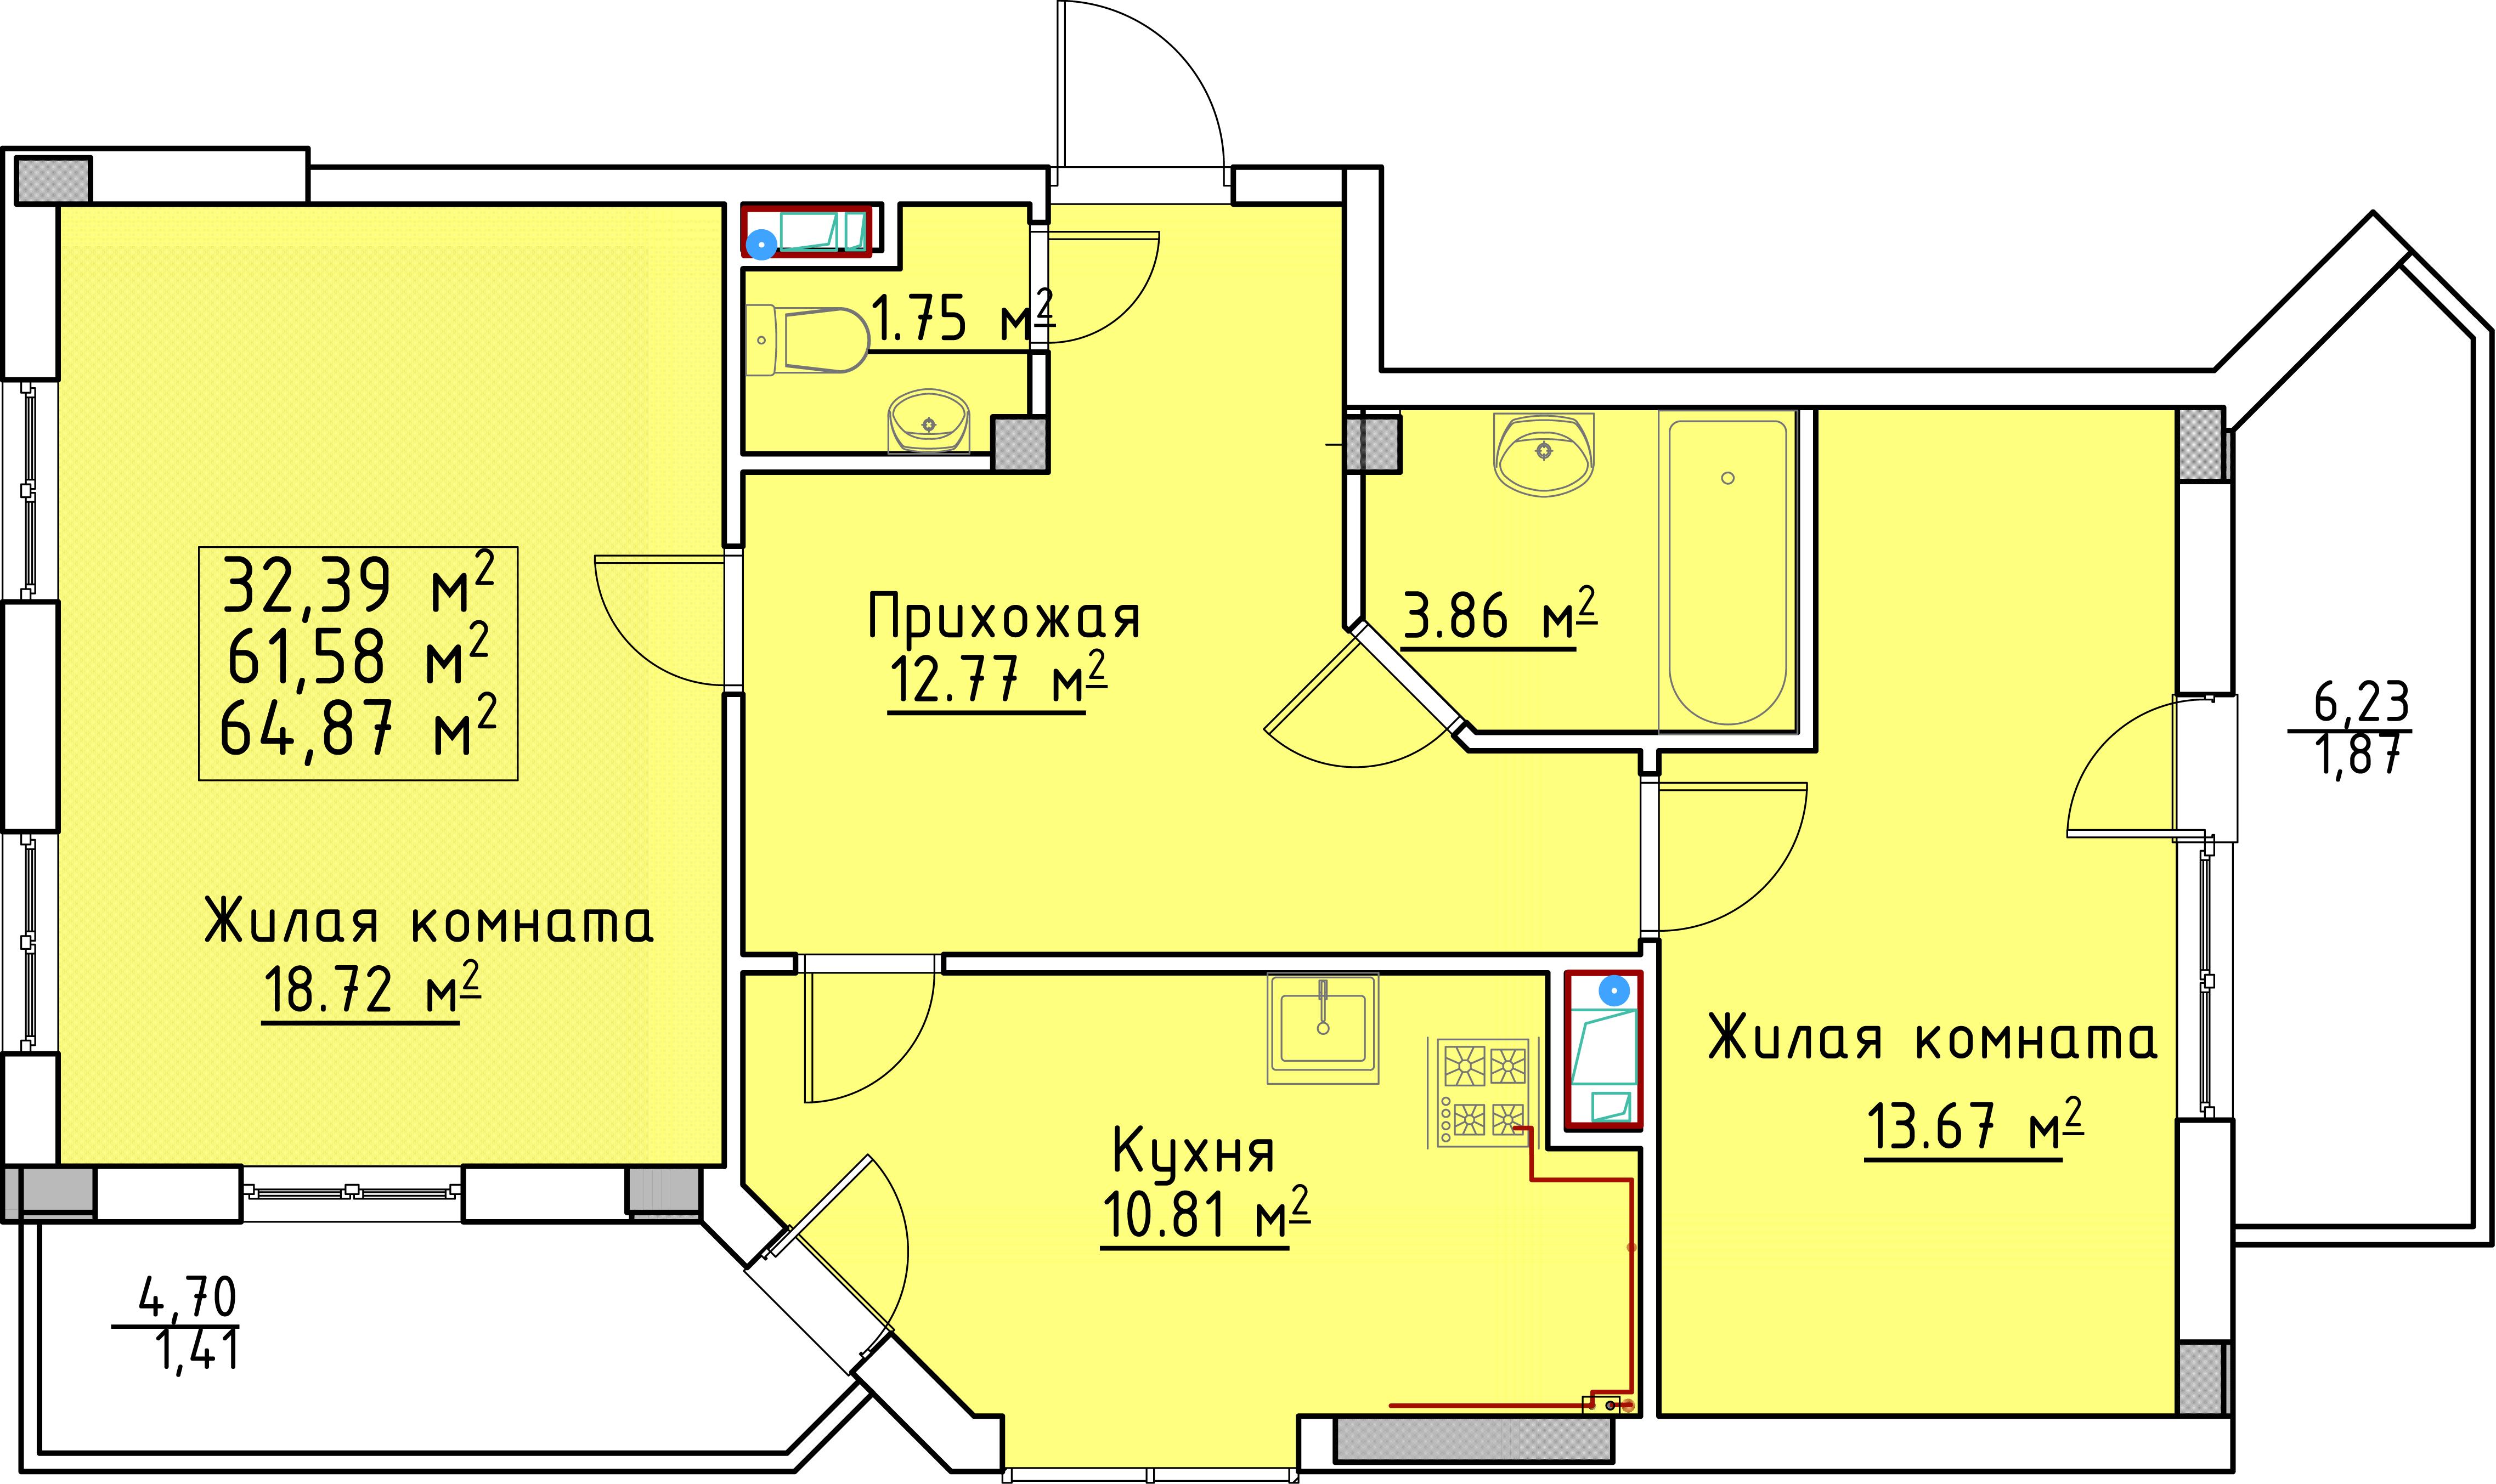 Двухкомнатная - ЖК Мариинский$28371Площадь:65.22m²